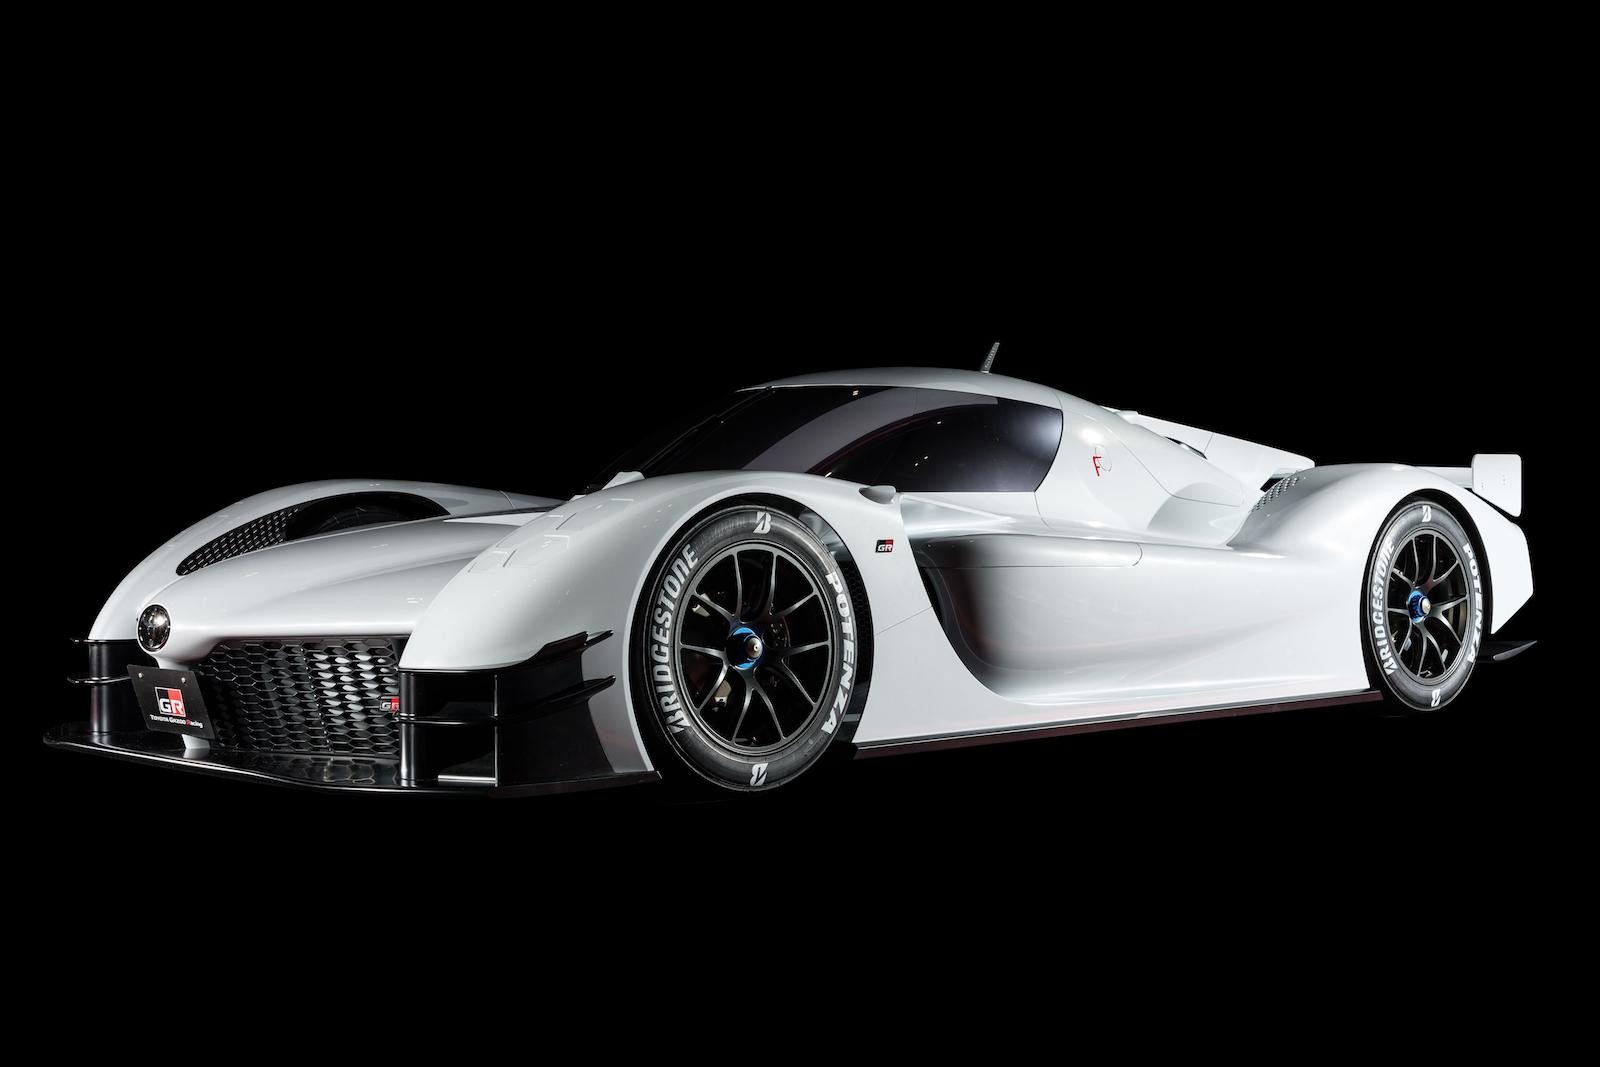 toyota gr super sport concept hints at future supercar performancedrive. Black Bedroom Furniture Sets. Home Design Ideas